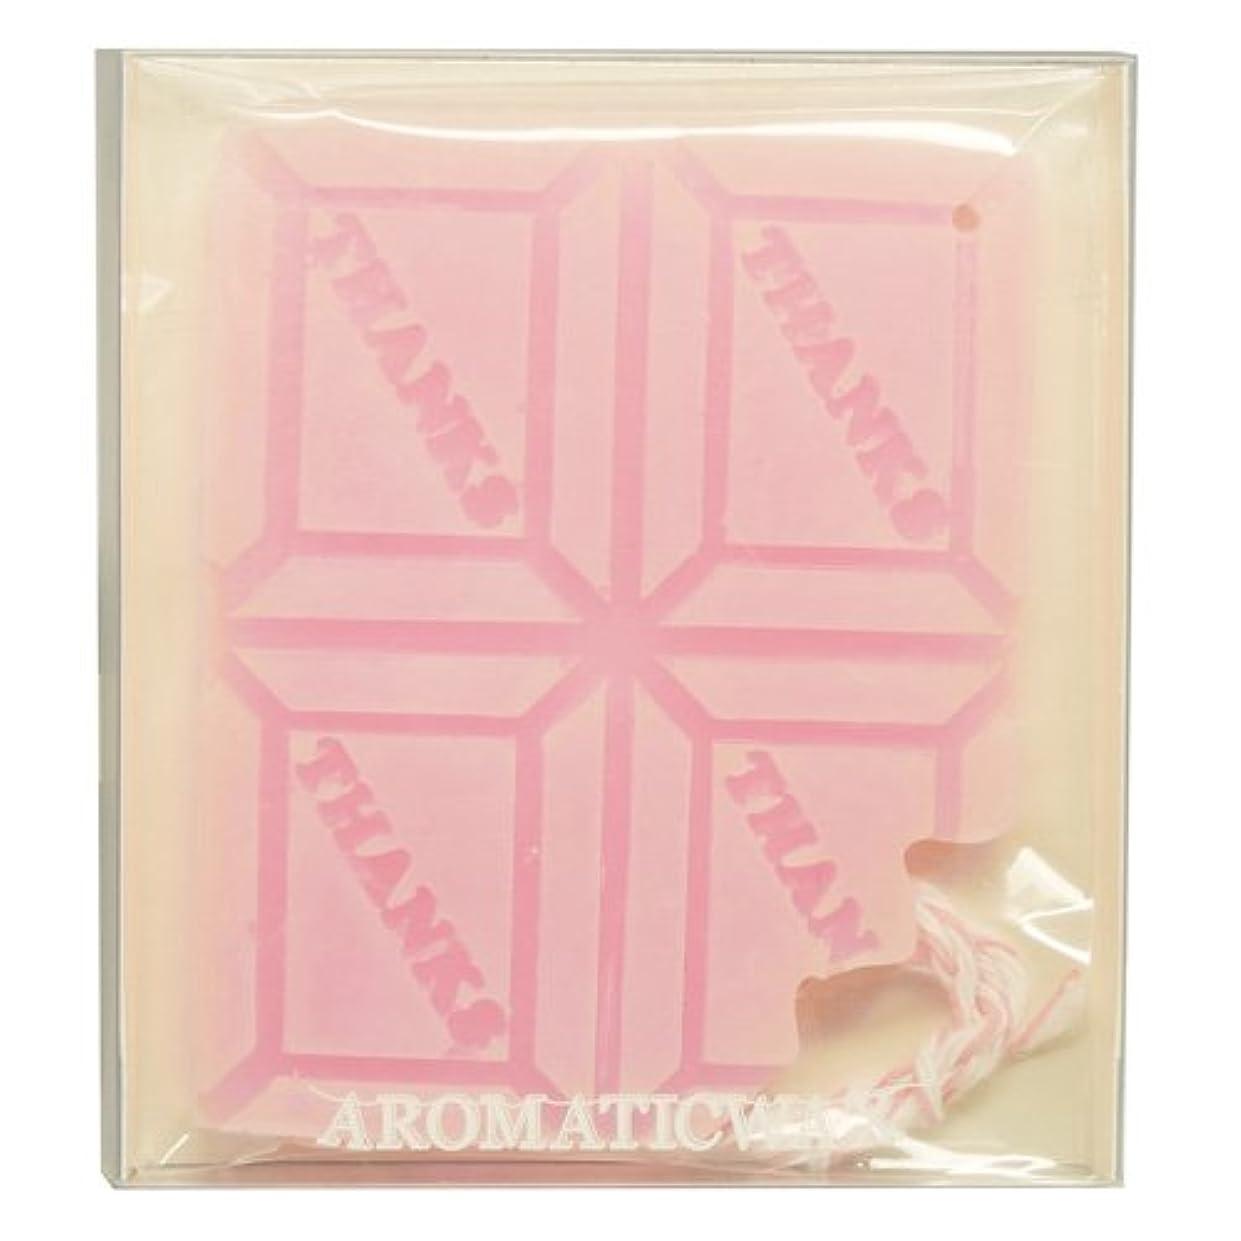 巨大ベテラン命令GRASSE TOKYO AROMATICWAXチャーム「板チョコ(THANKS)」(PI) ゼラニウム アロマティックワックス グラーストウキョウ